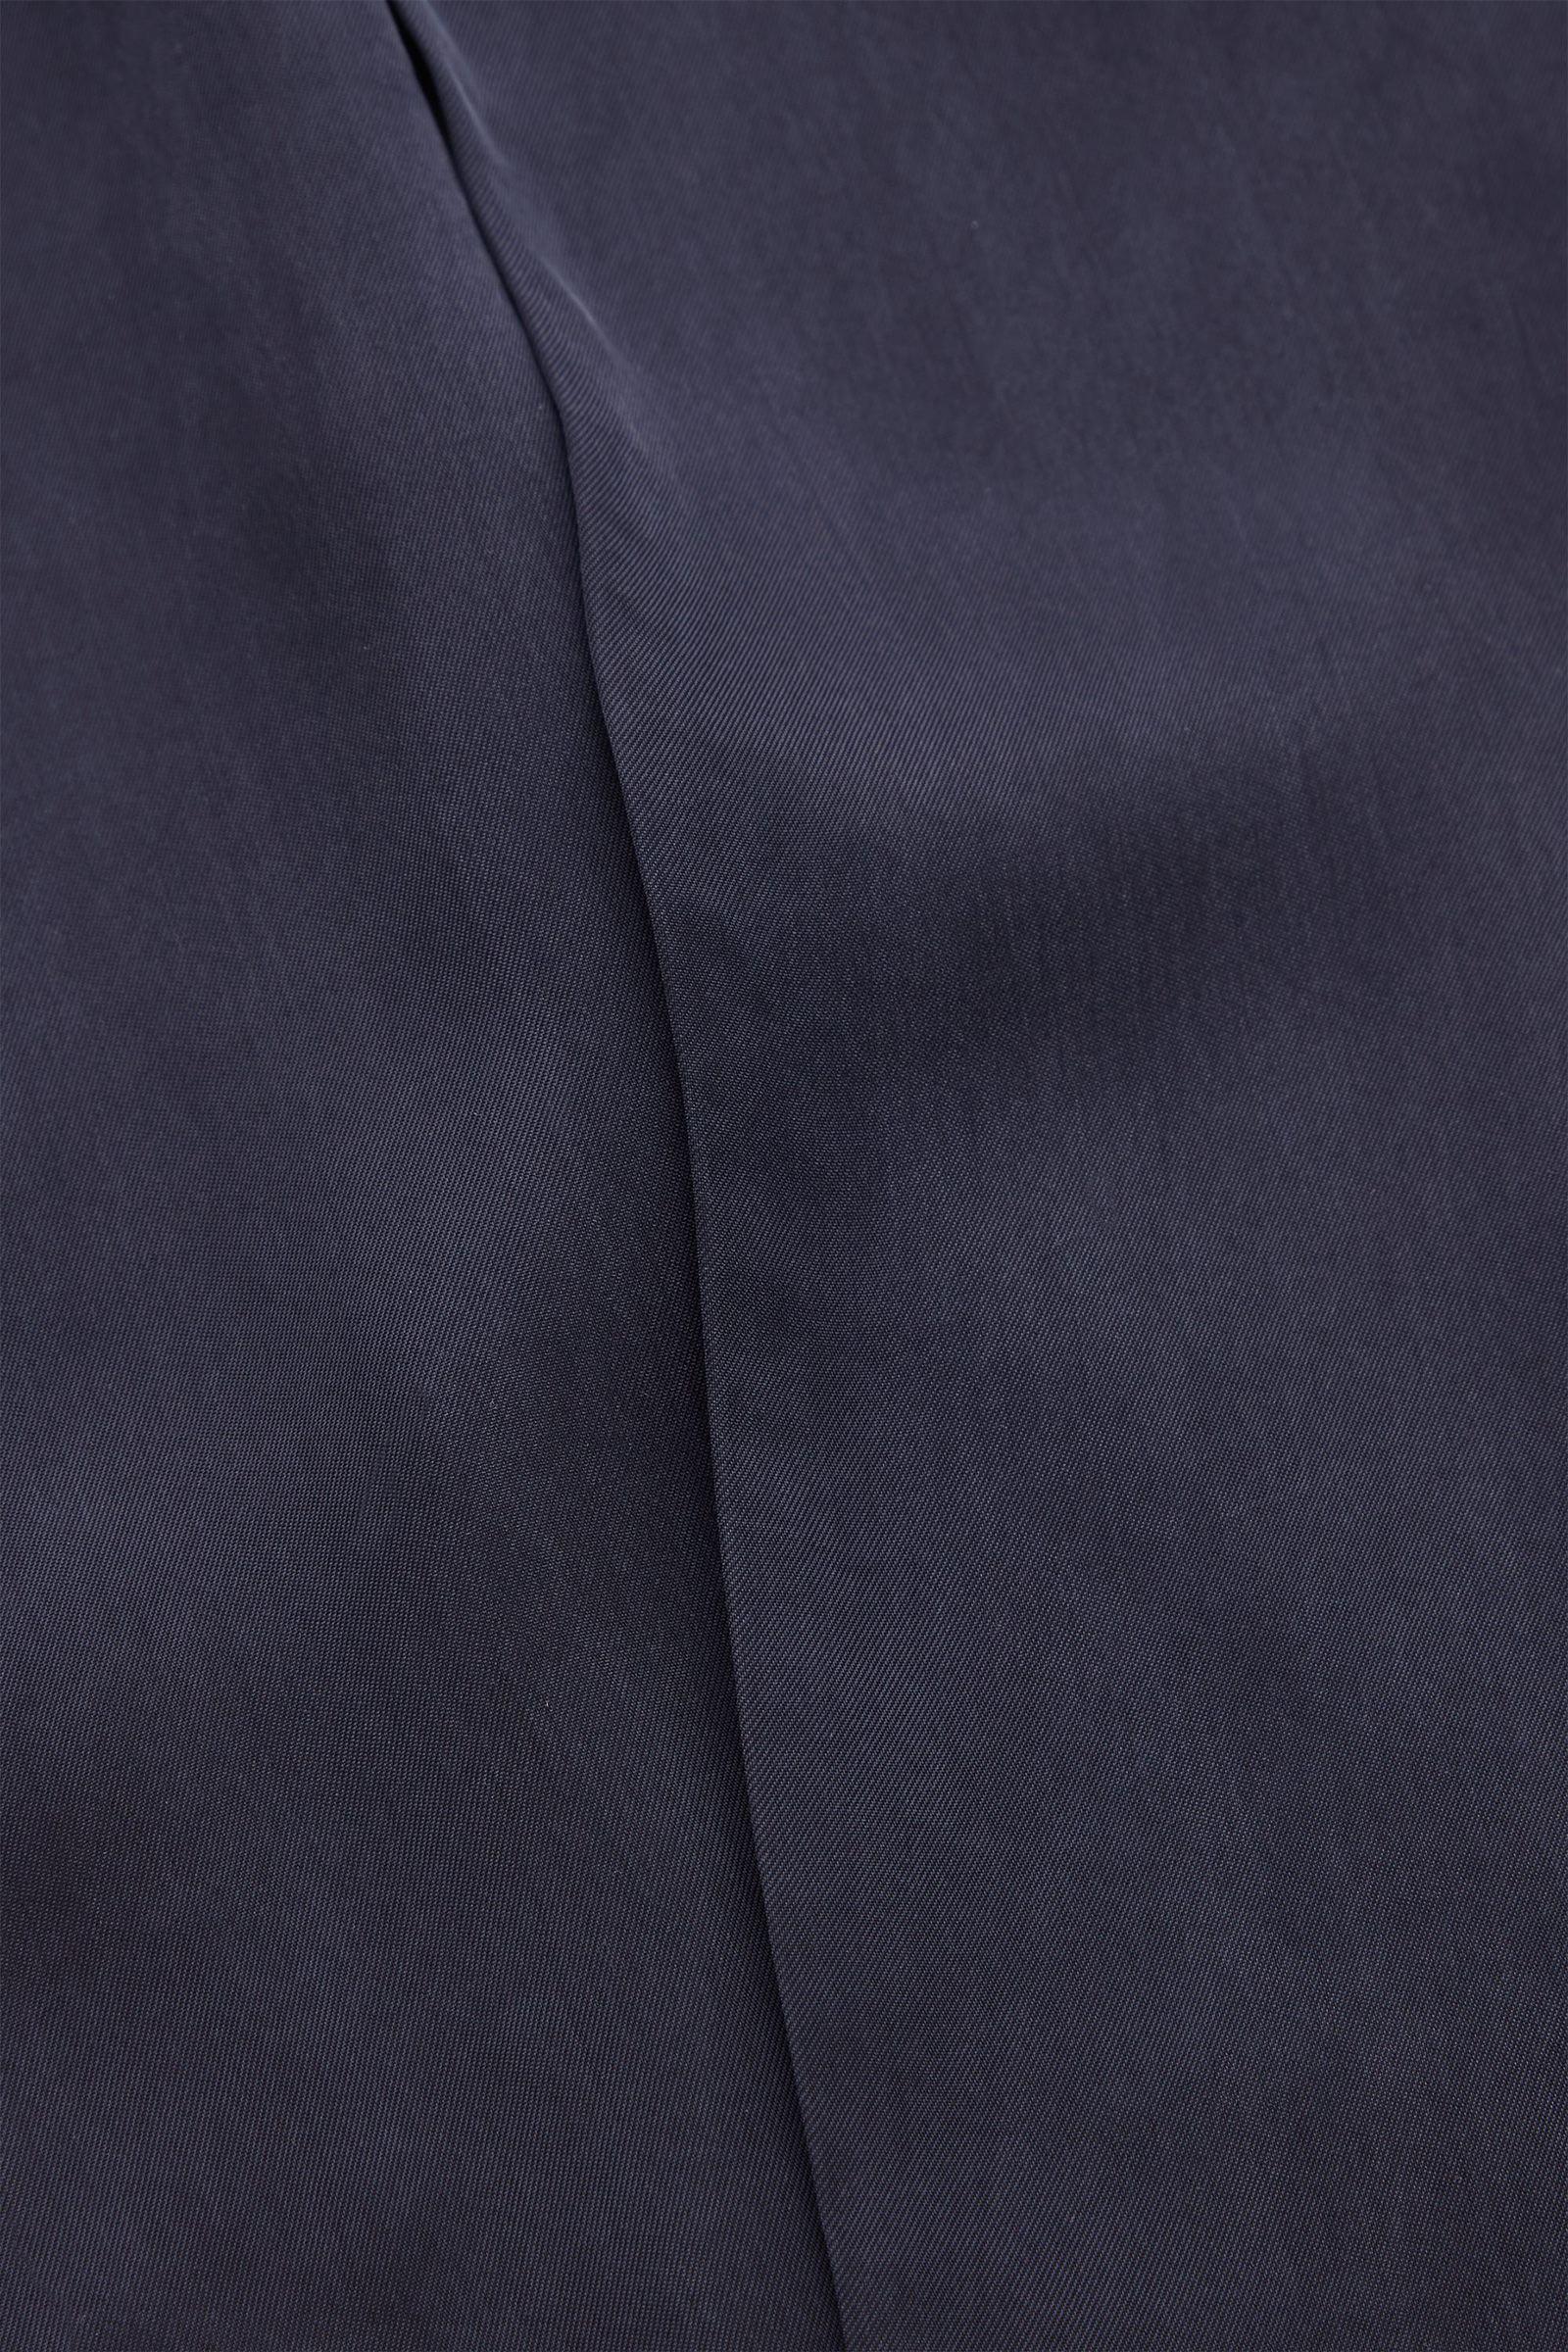 COS 큐프라 스카프의 블랙컬러 Detail입니다.